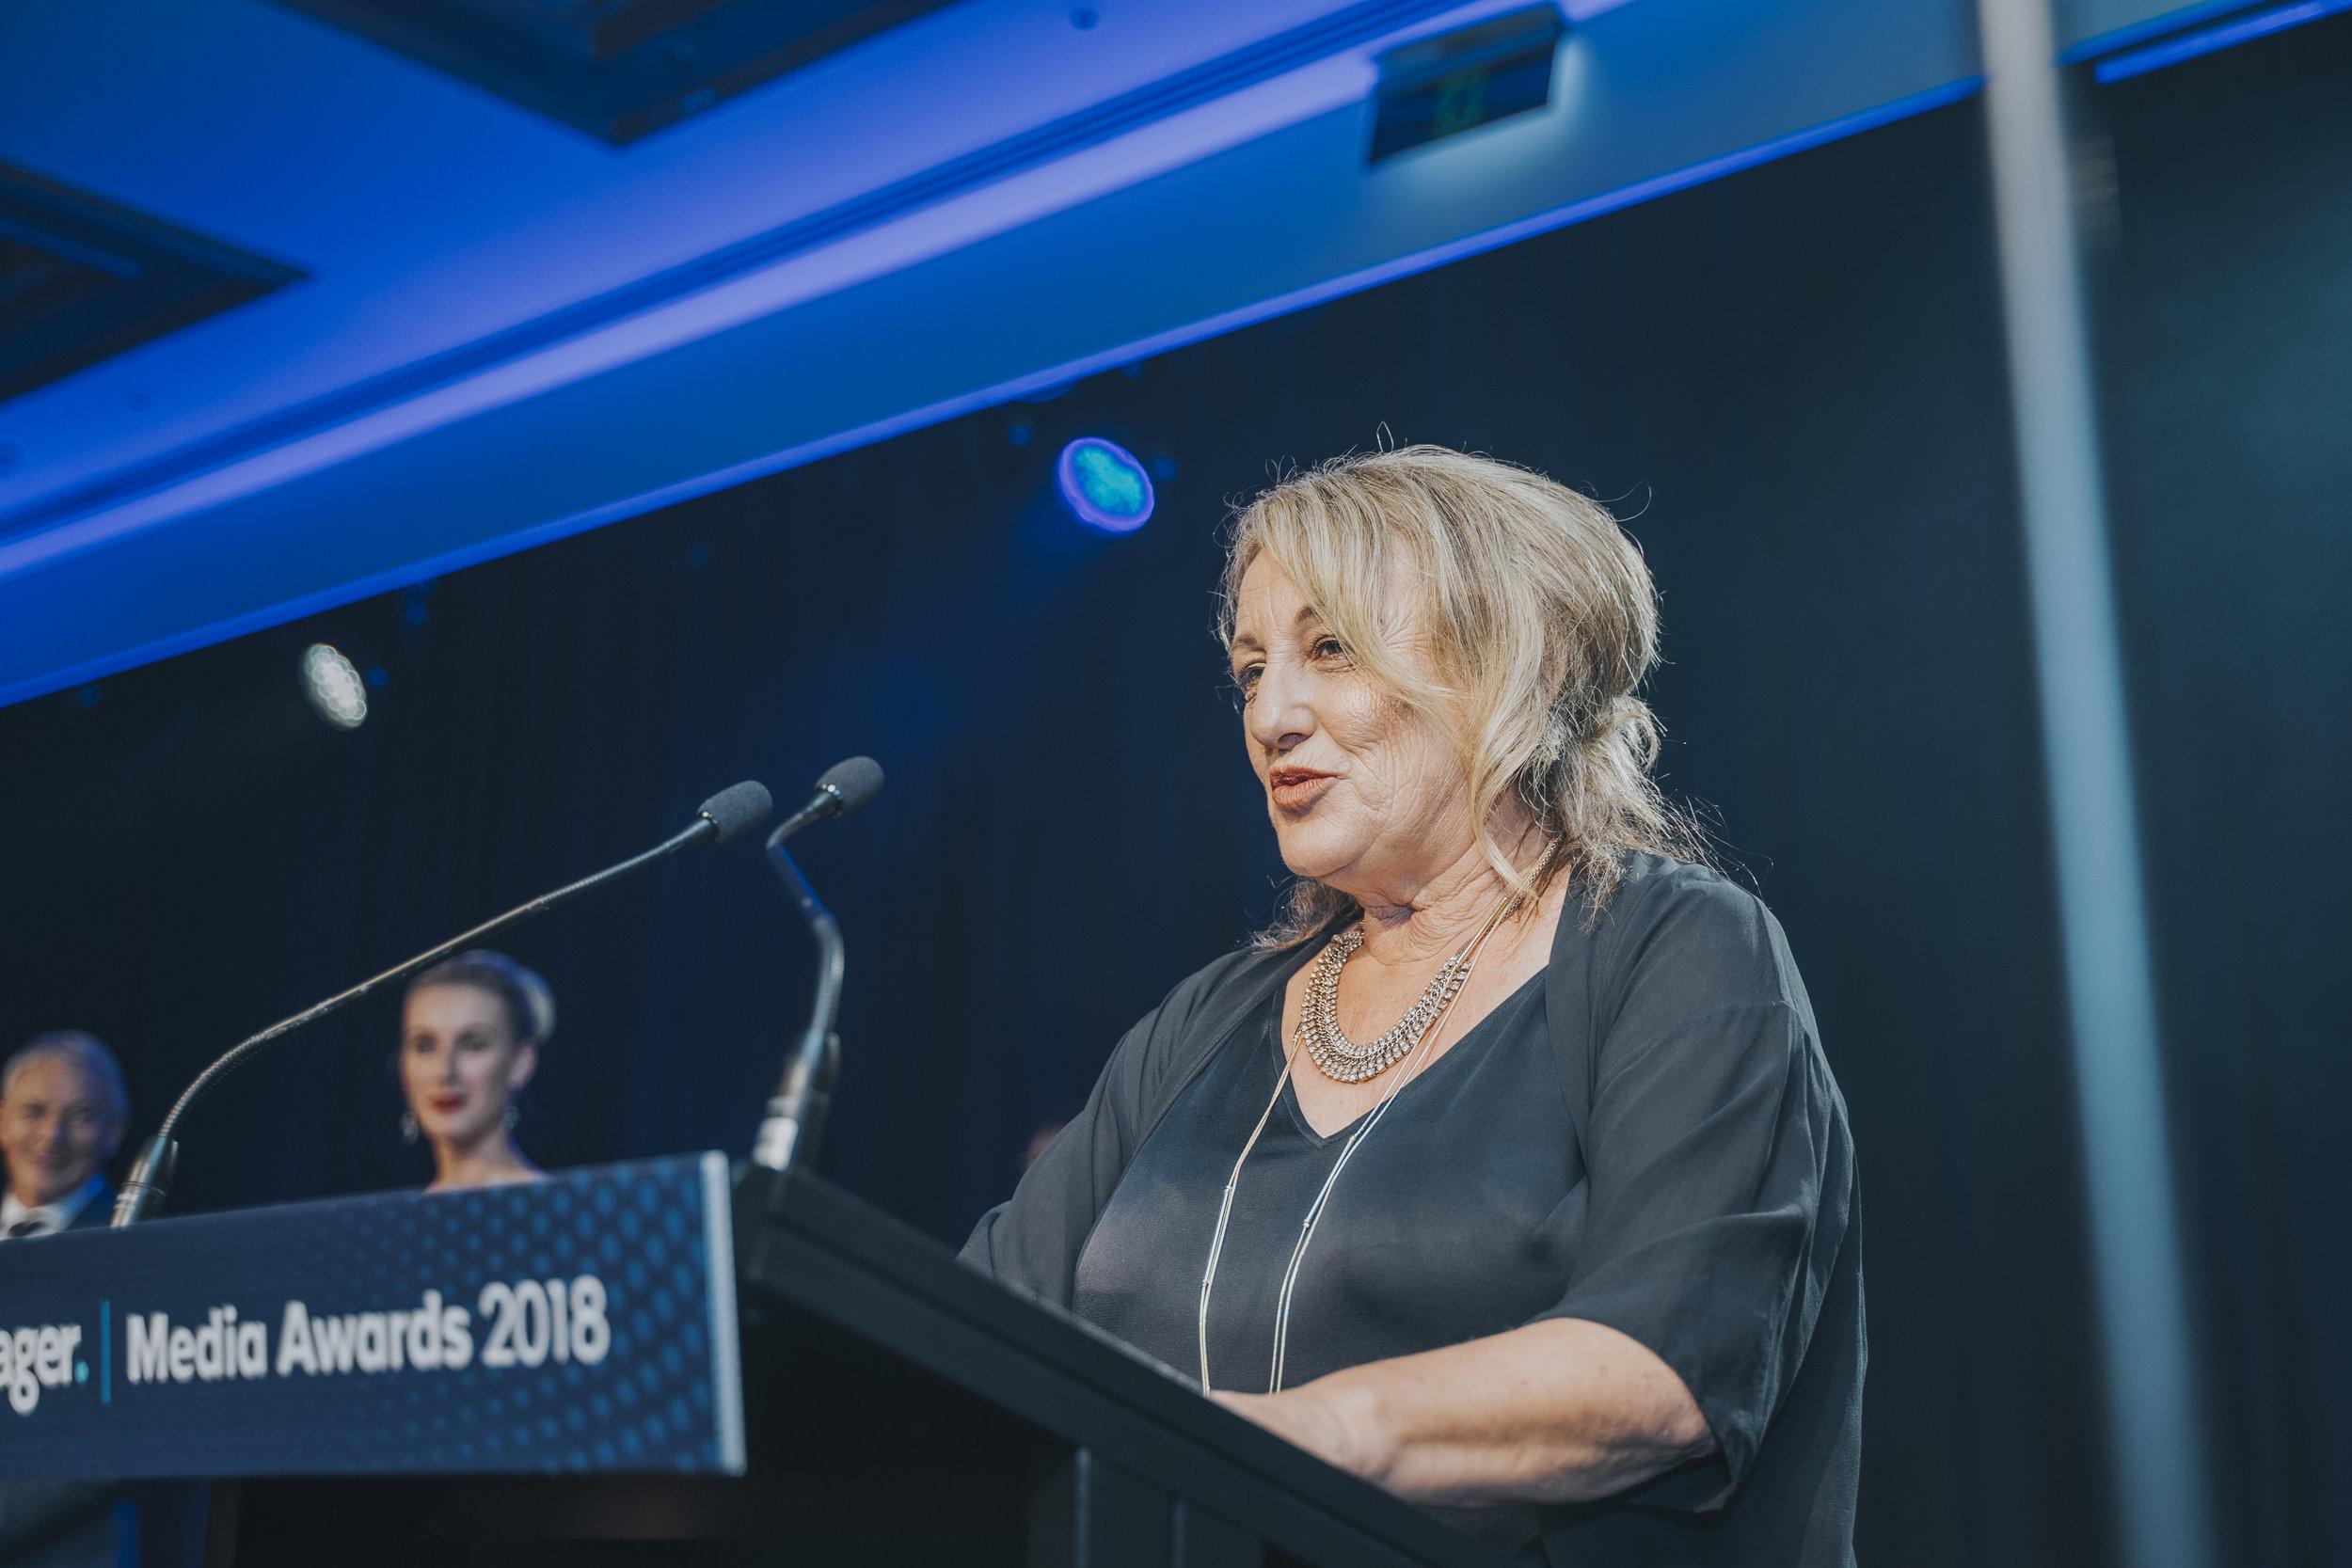 Voyager Media Awards 2018-305.JPG